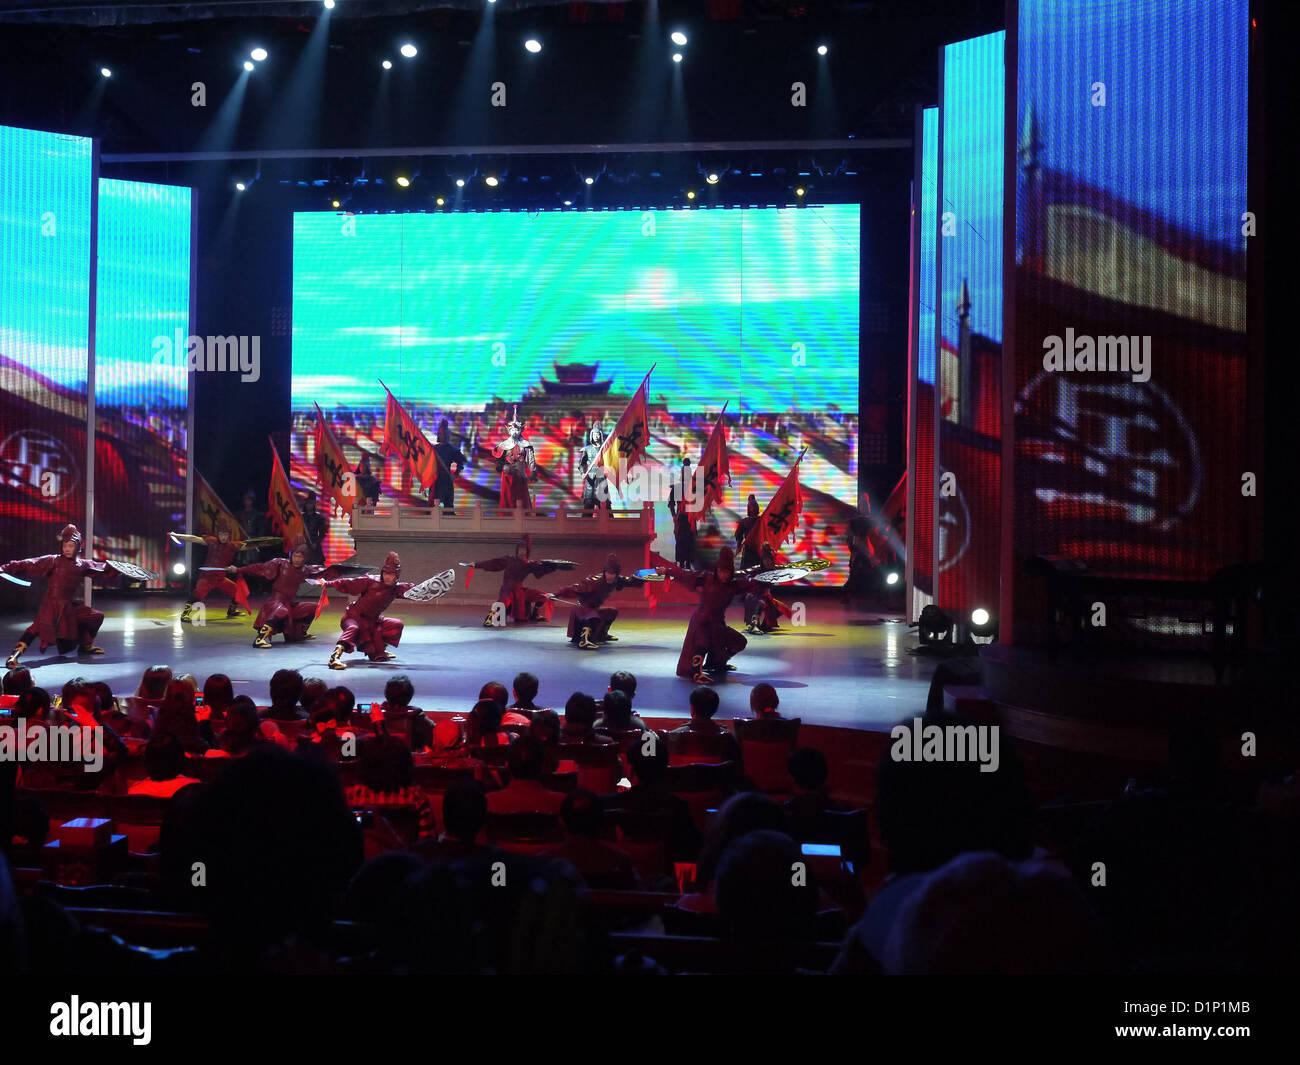 im chinesischen Theater Performance Publikum Stockbild